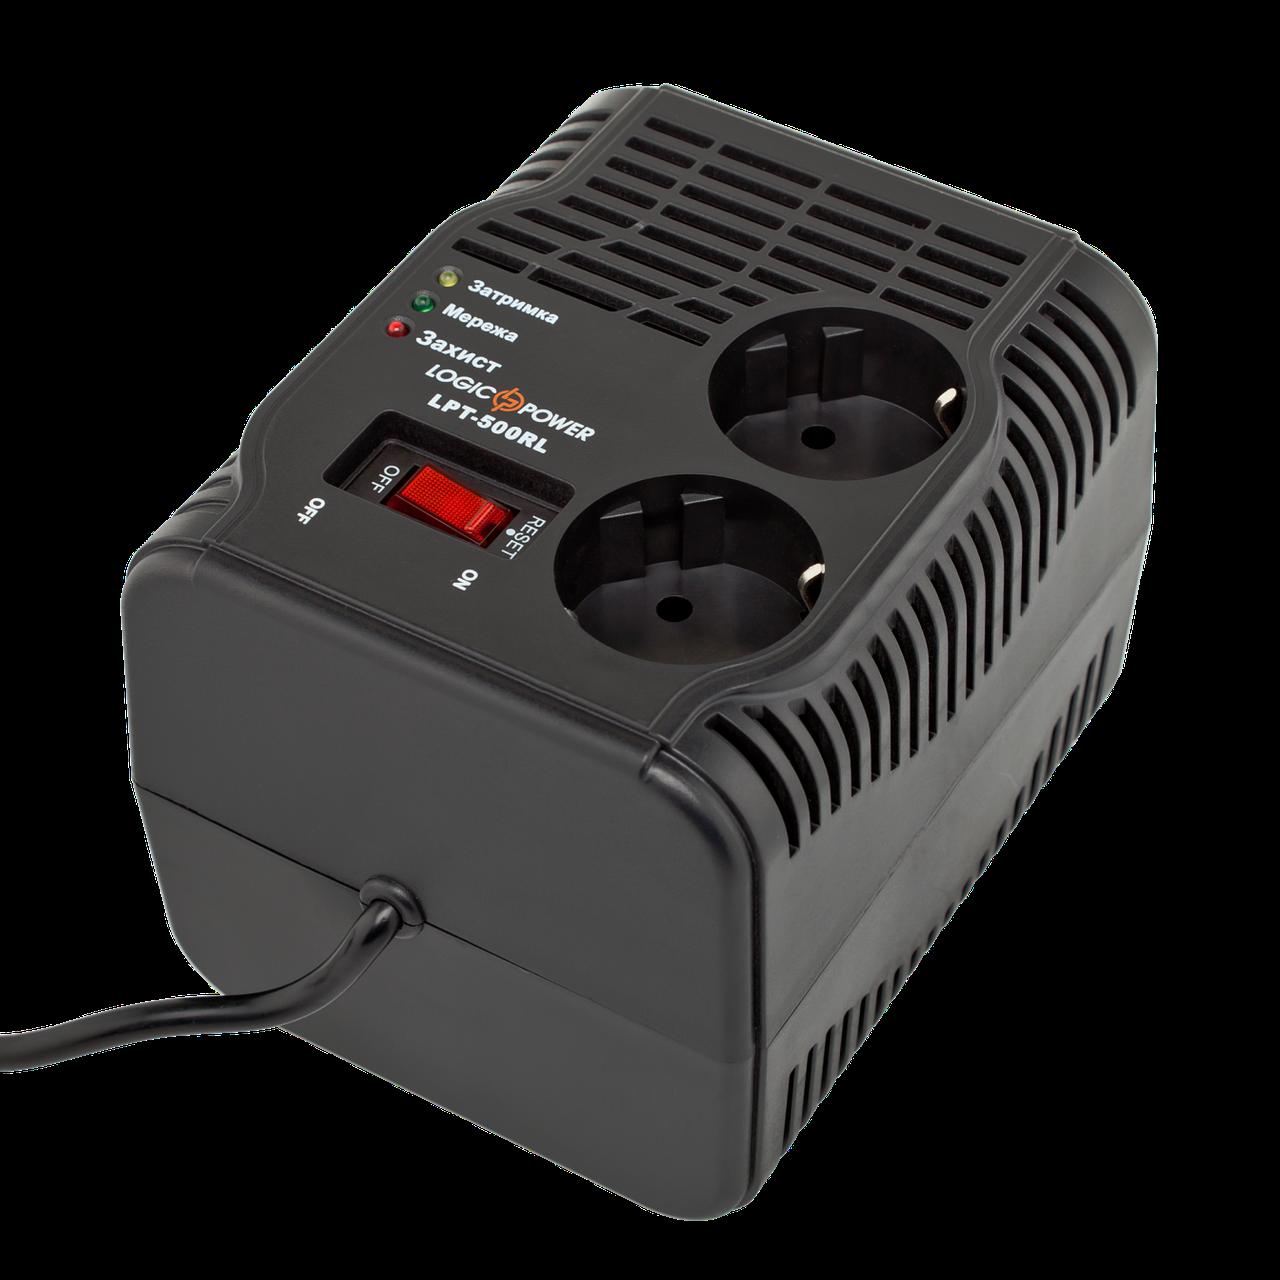 LogicPower LPT-500RL (350W) LED